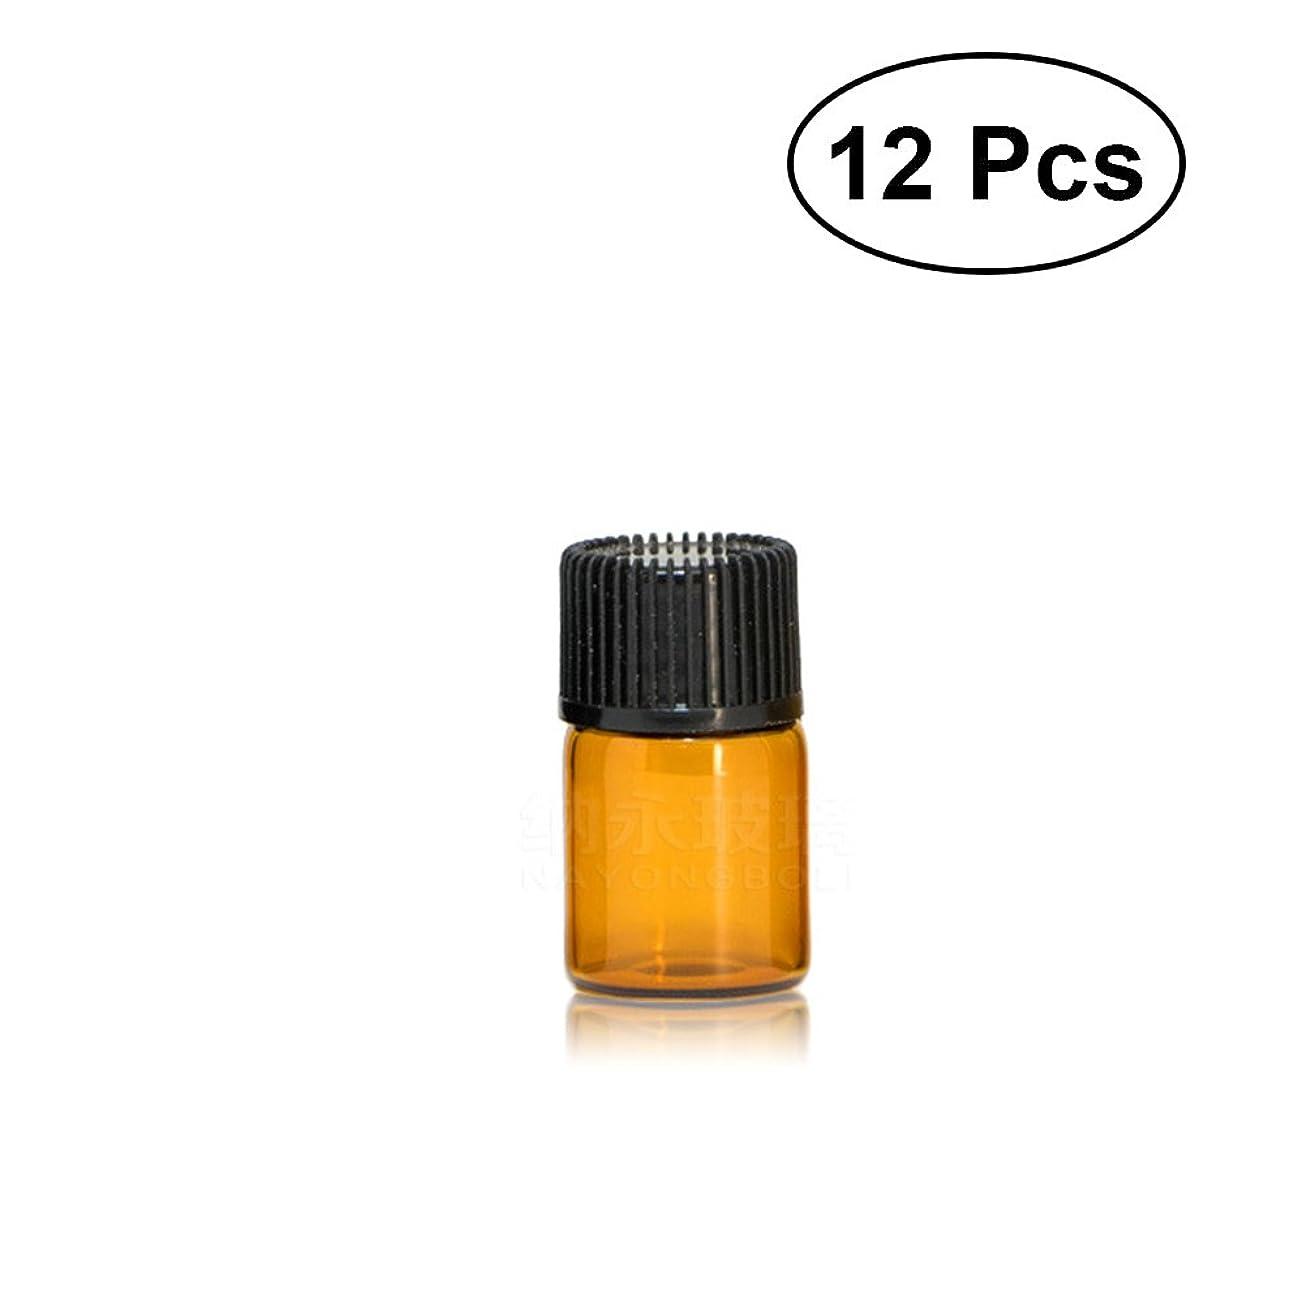 小切手壁紙民間人ROSENICE 2mlミニバイアルボトルオリフィスリデューサーキャップ付きガラス瓶エッセンシャルオイルコンテナ12個